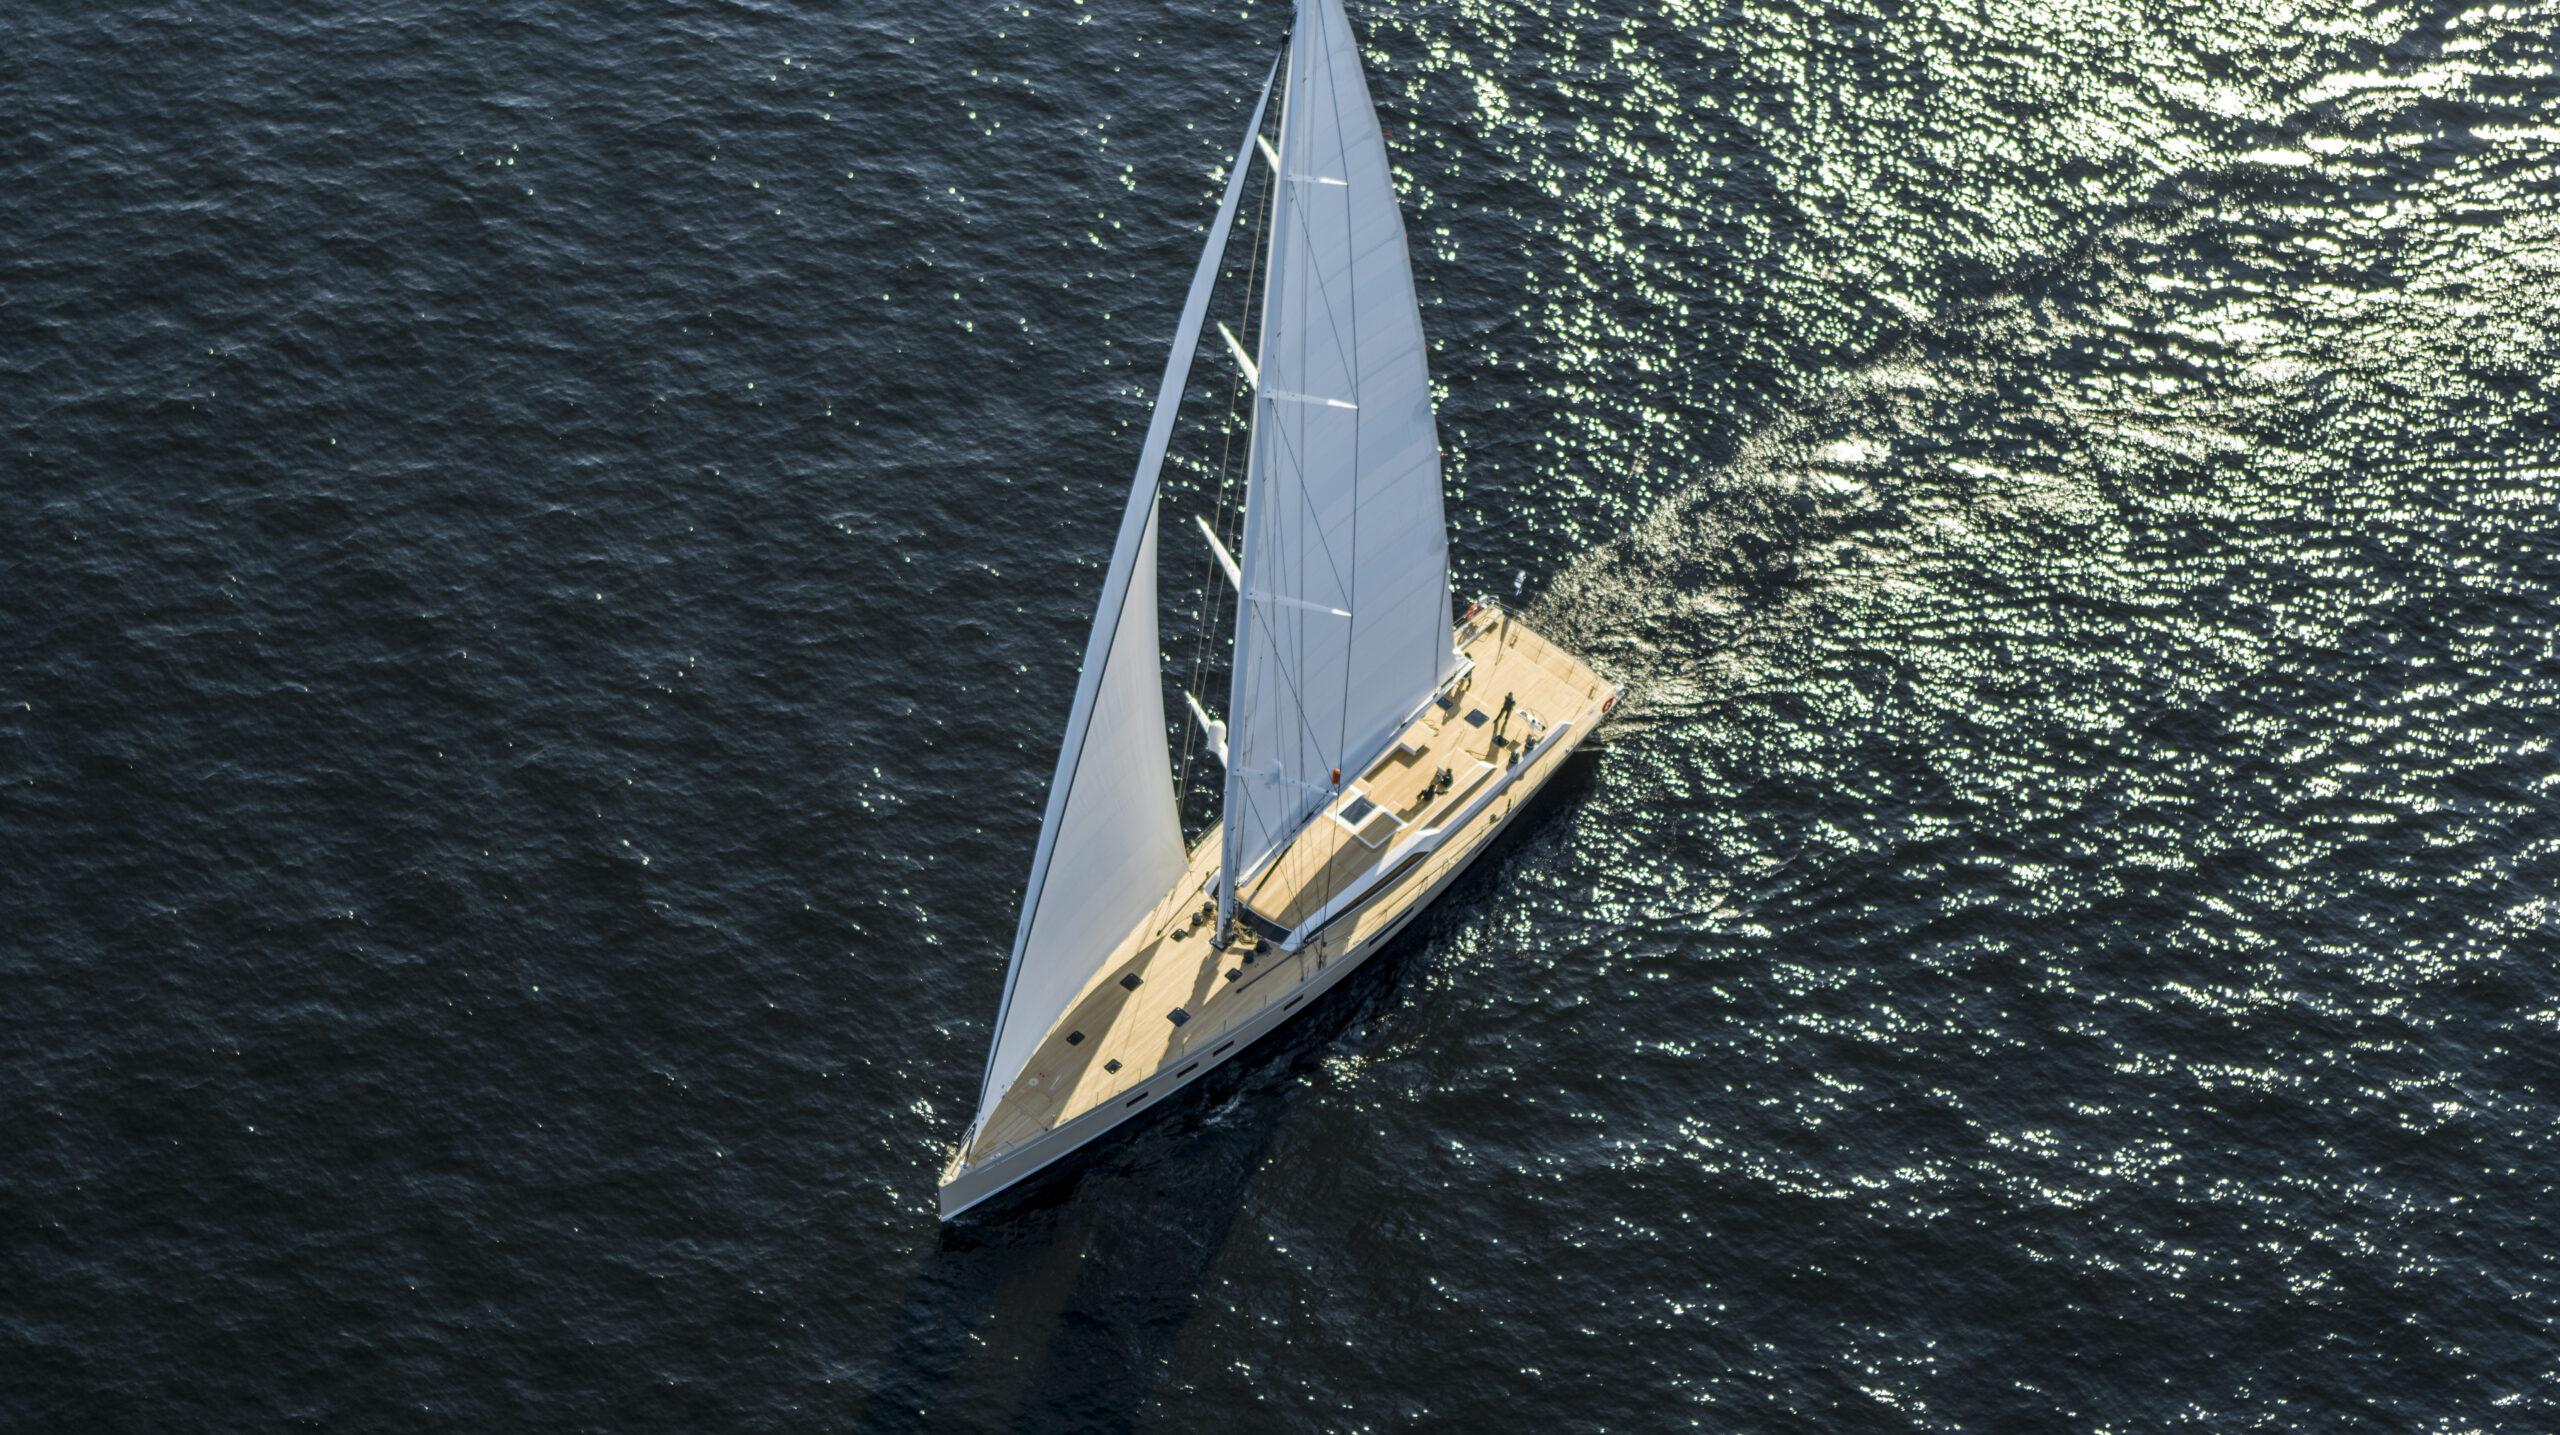 Aerial shot of Swan 120 sailing